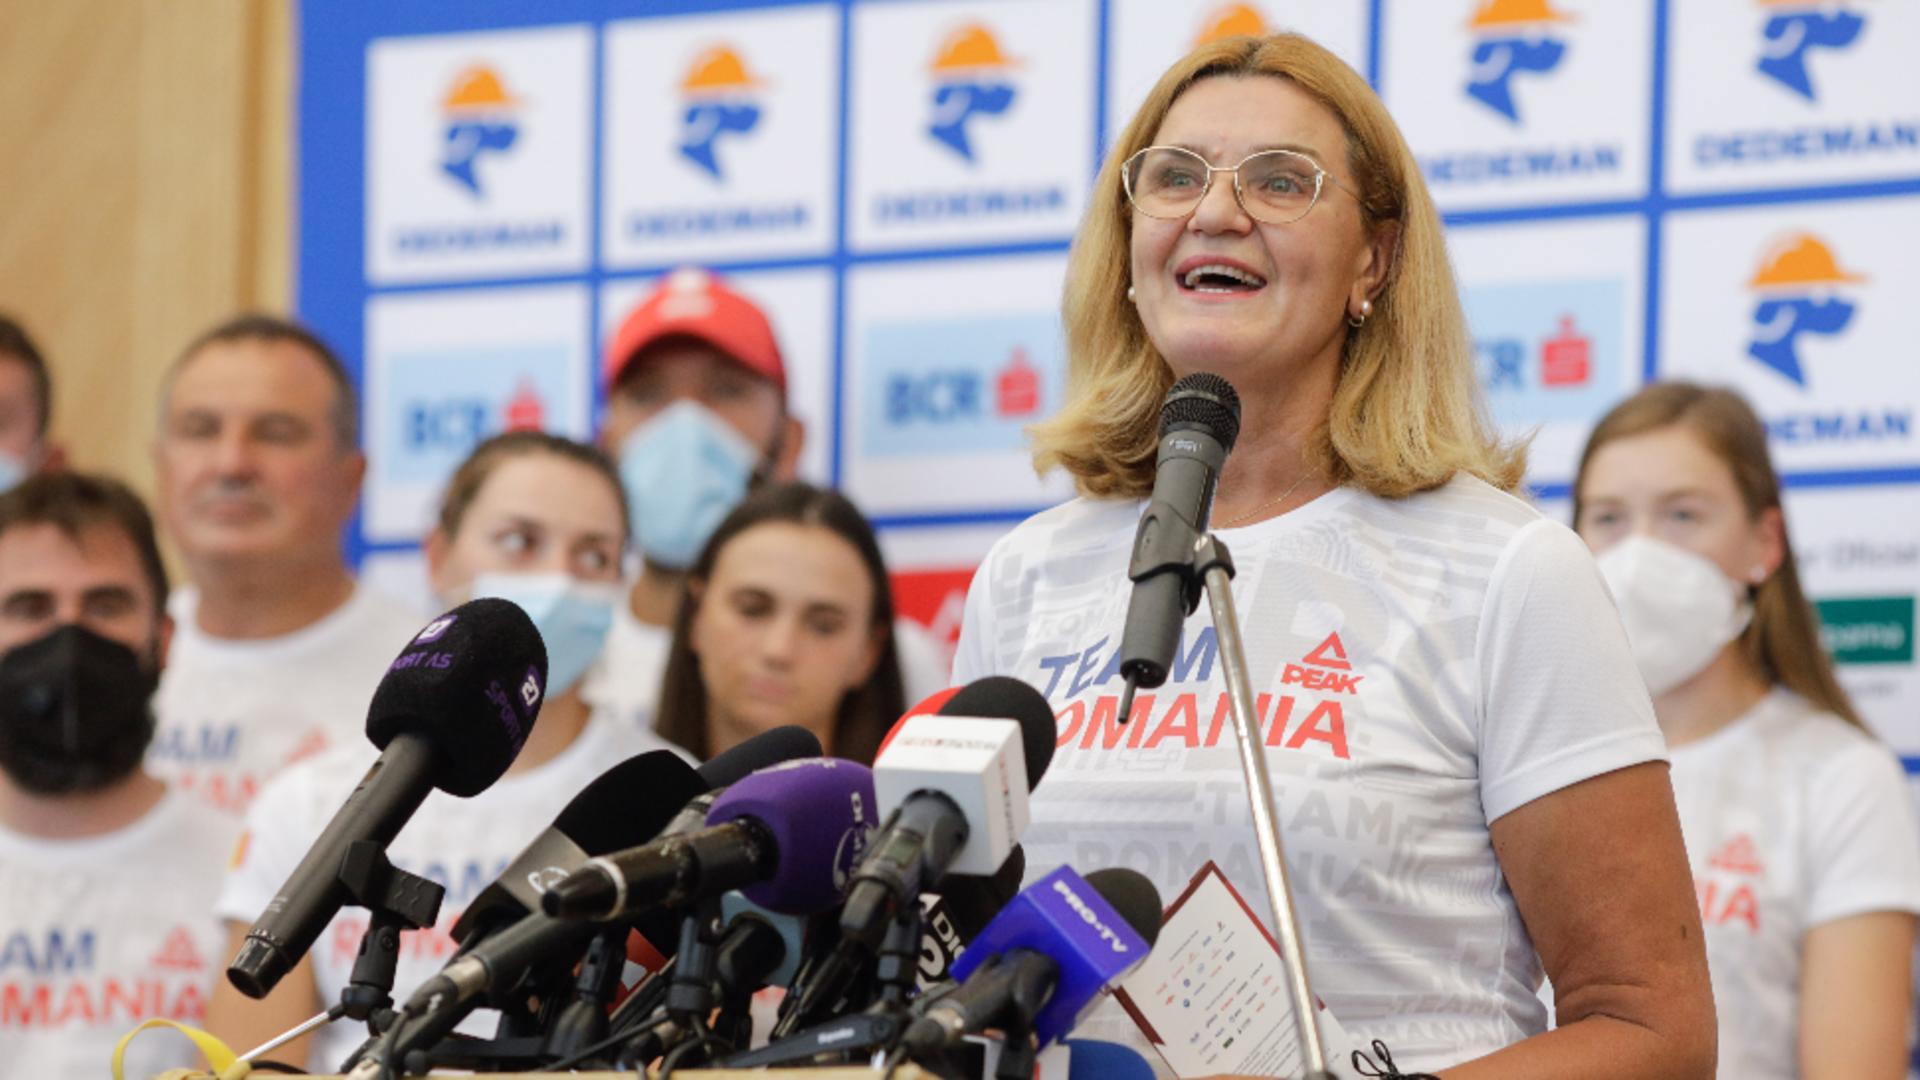 Elisabeta Lipă / Foto: Inquam Photos